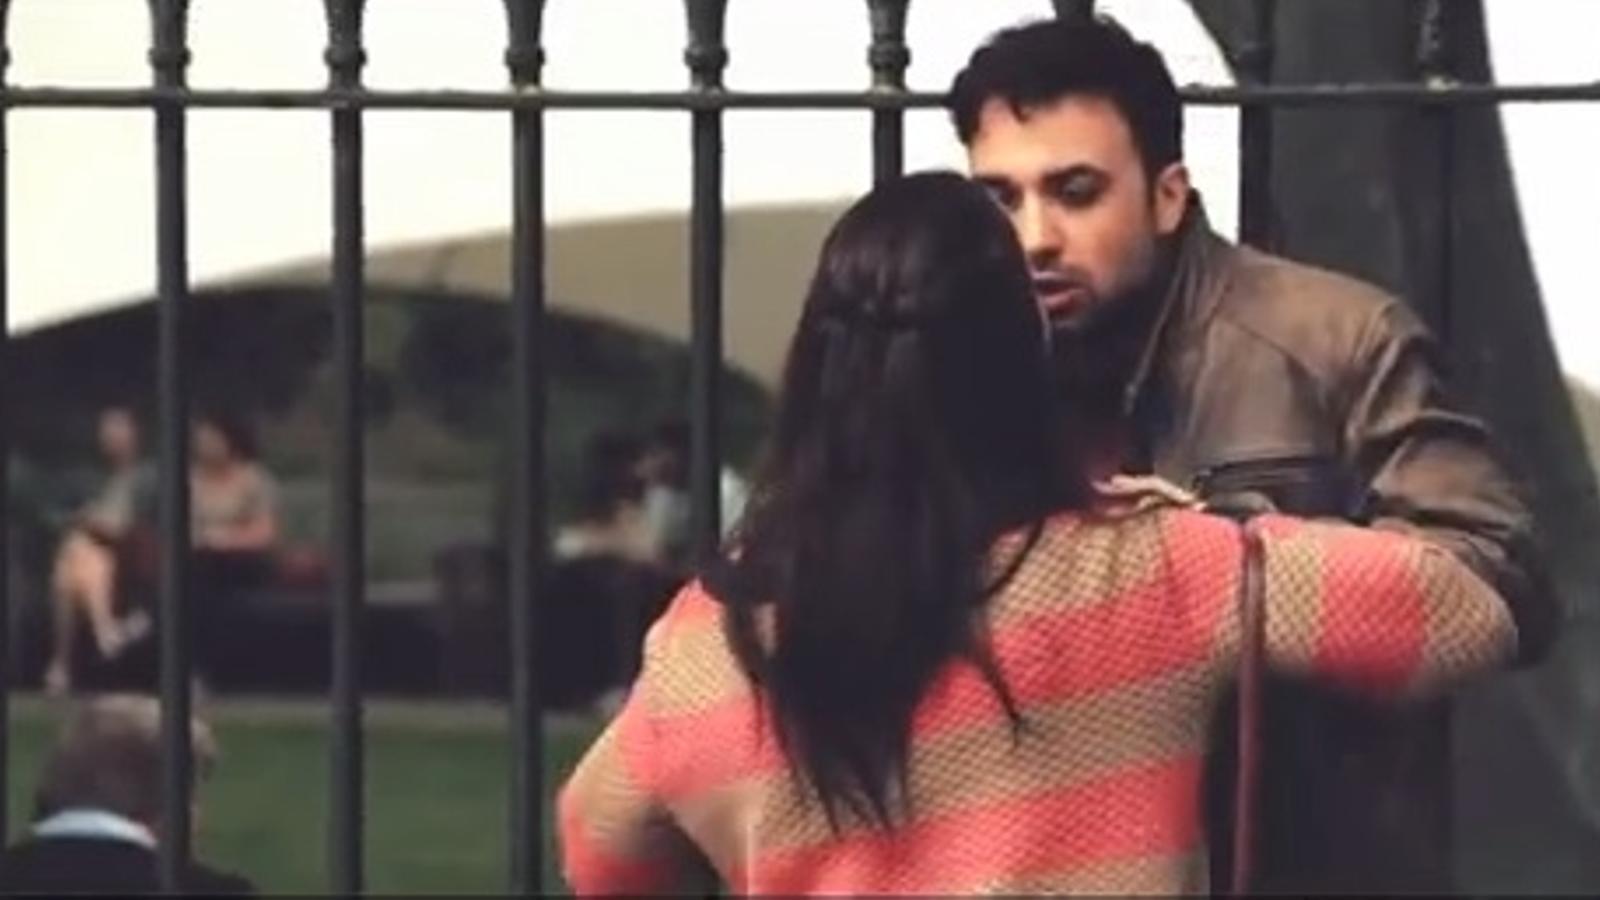 La diferent reacció dels vianants quan un home pega una dona… i una dona pega un home